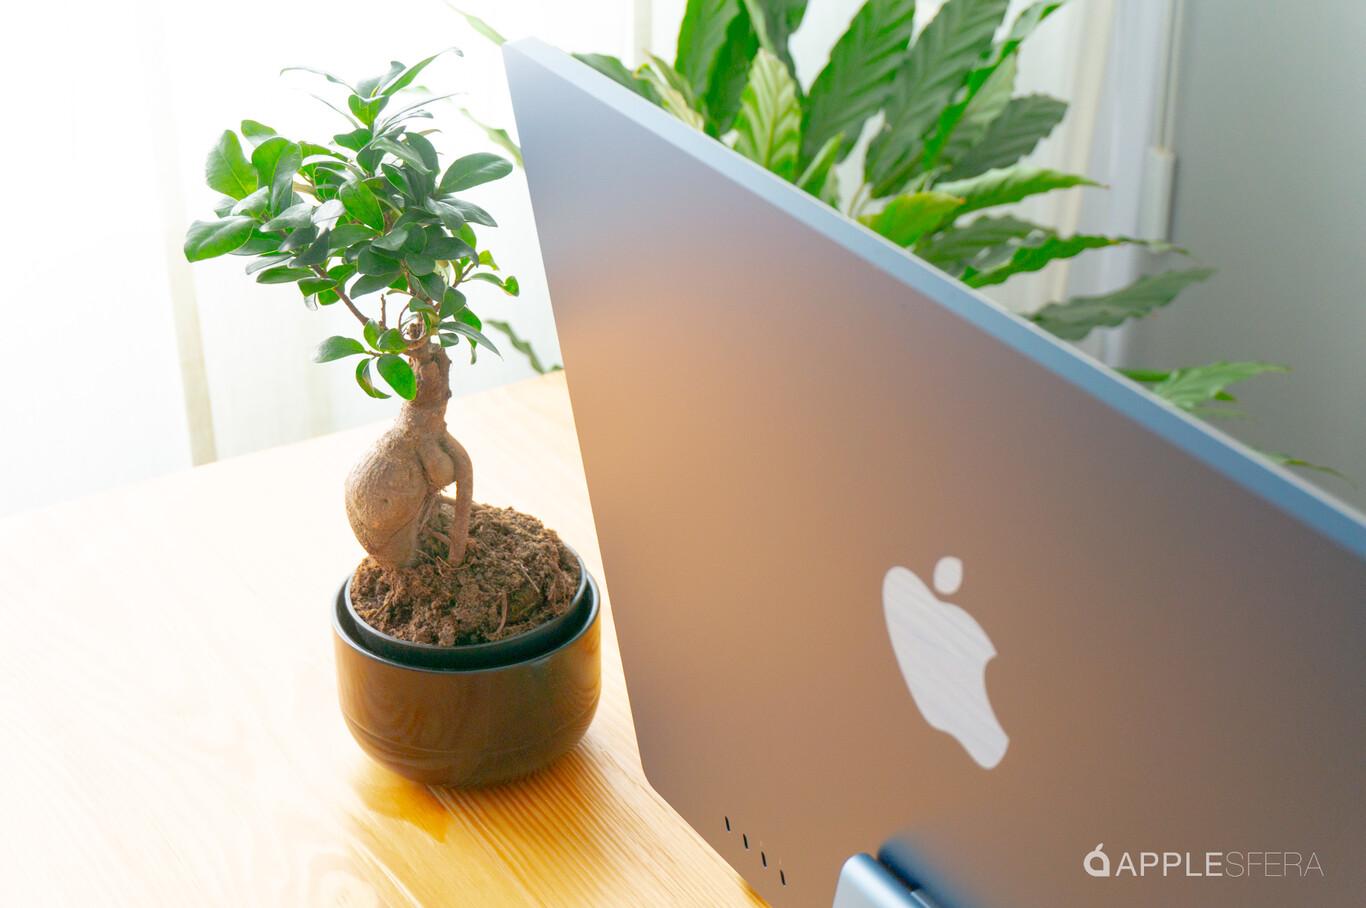 Apple iMac 2021 análisis: review con características ...